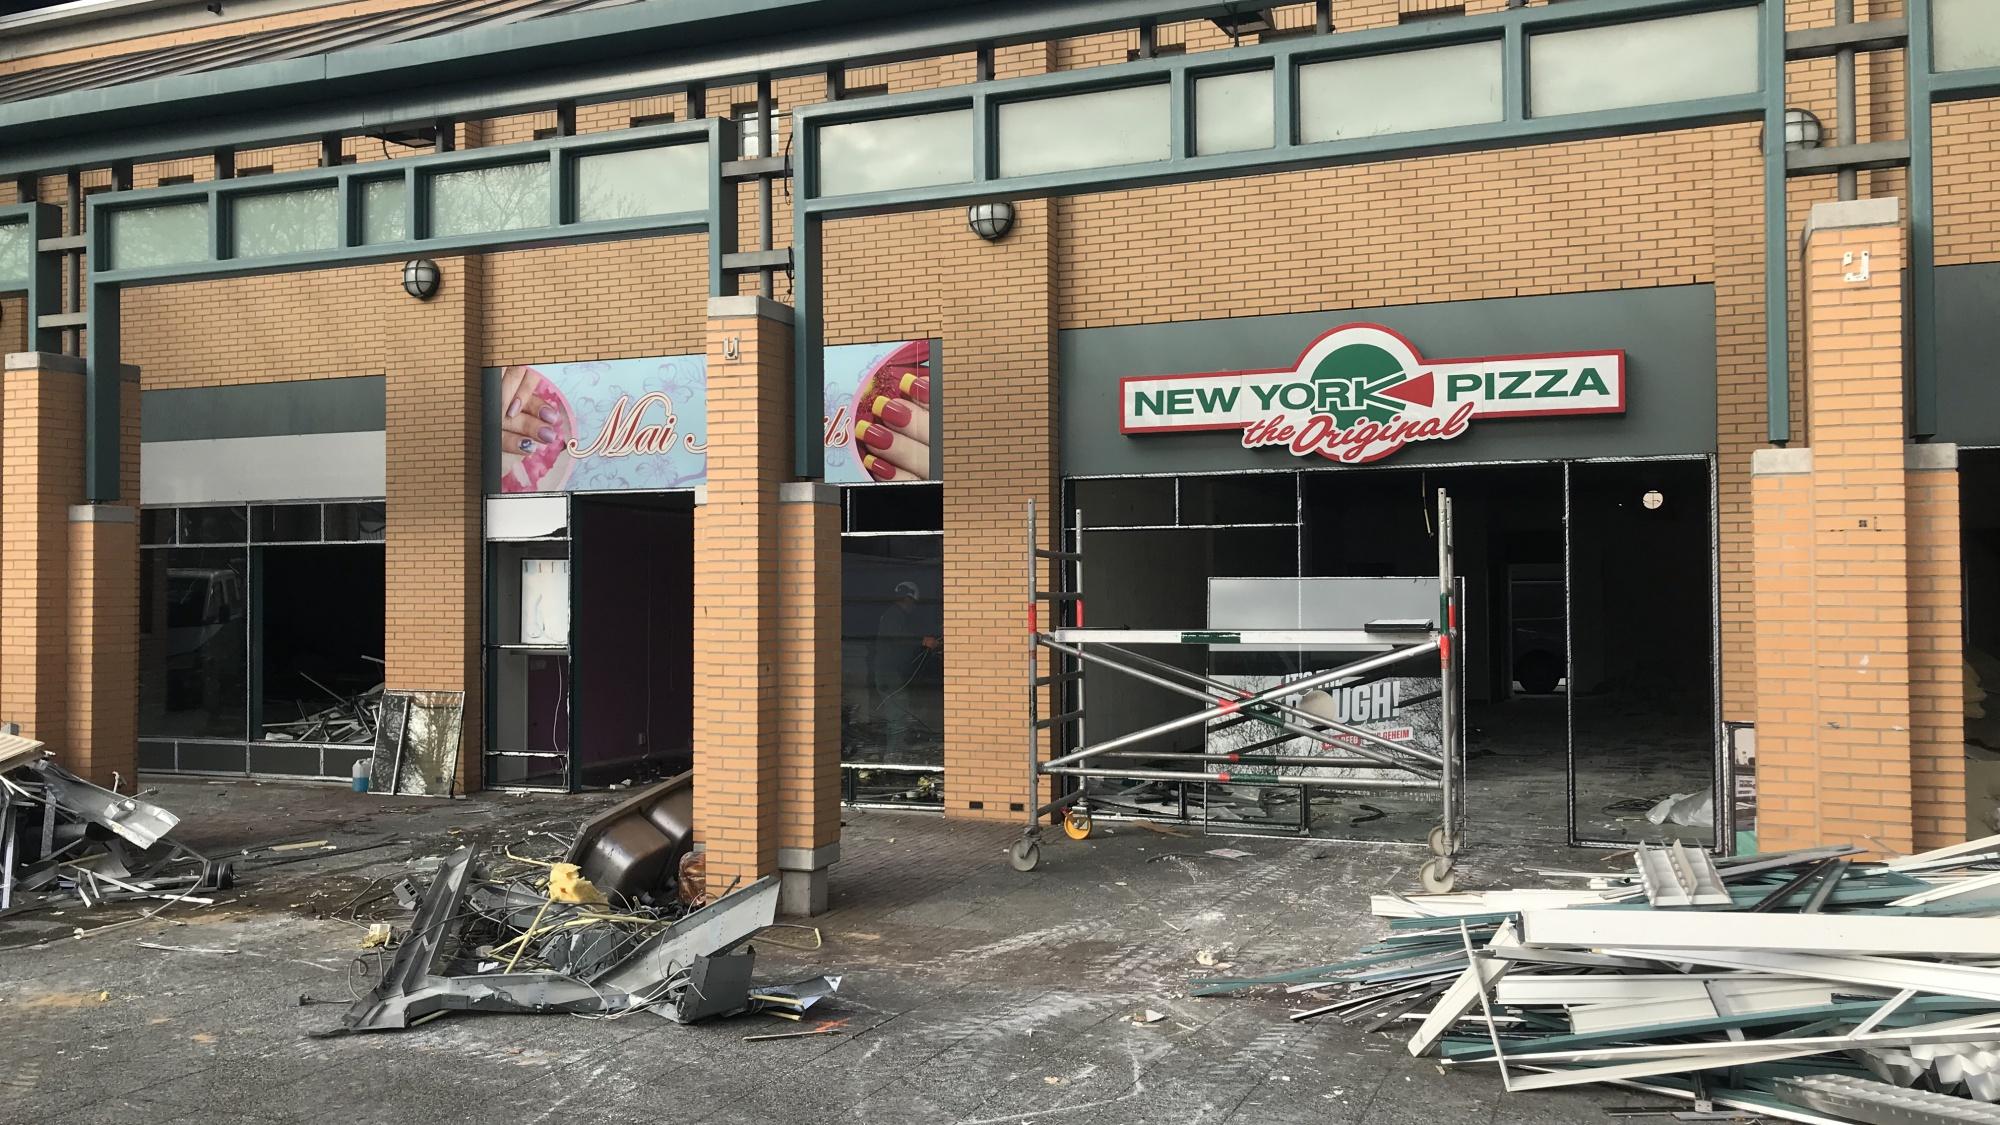 Een hoop puin voor de New York pizza